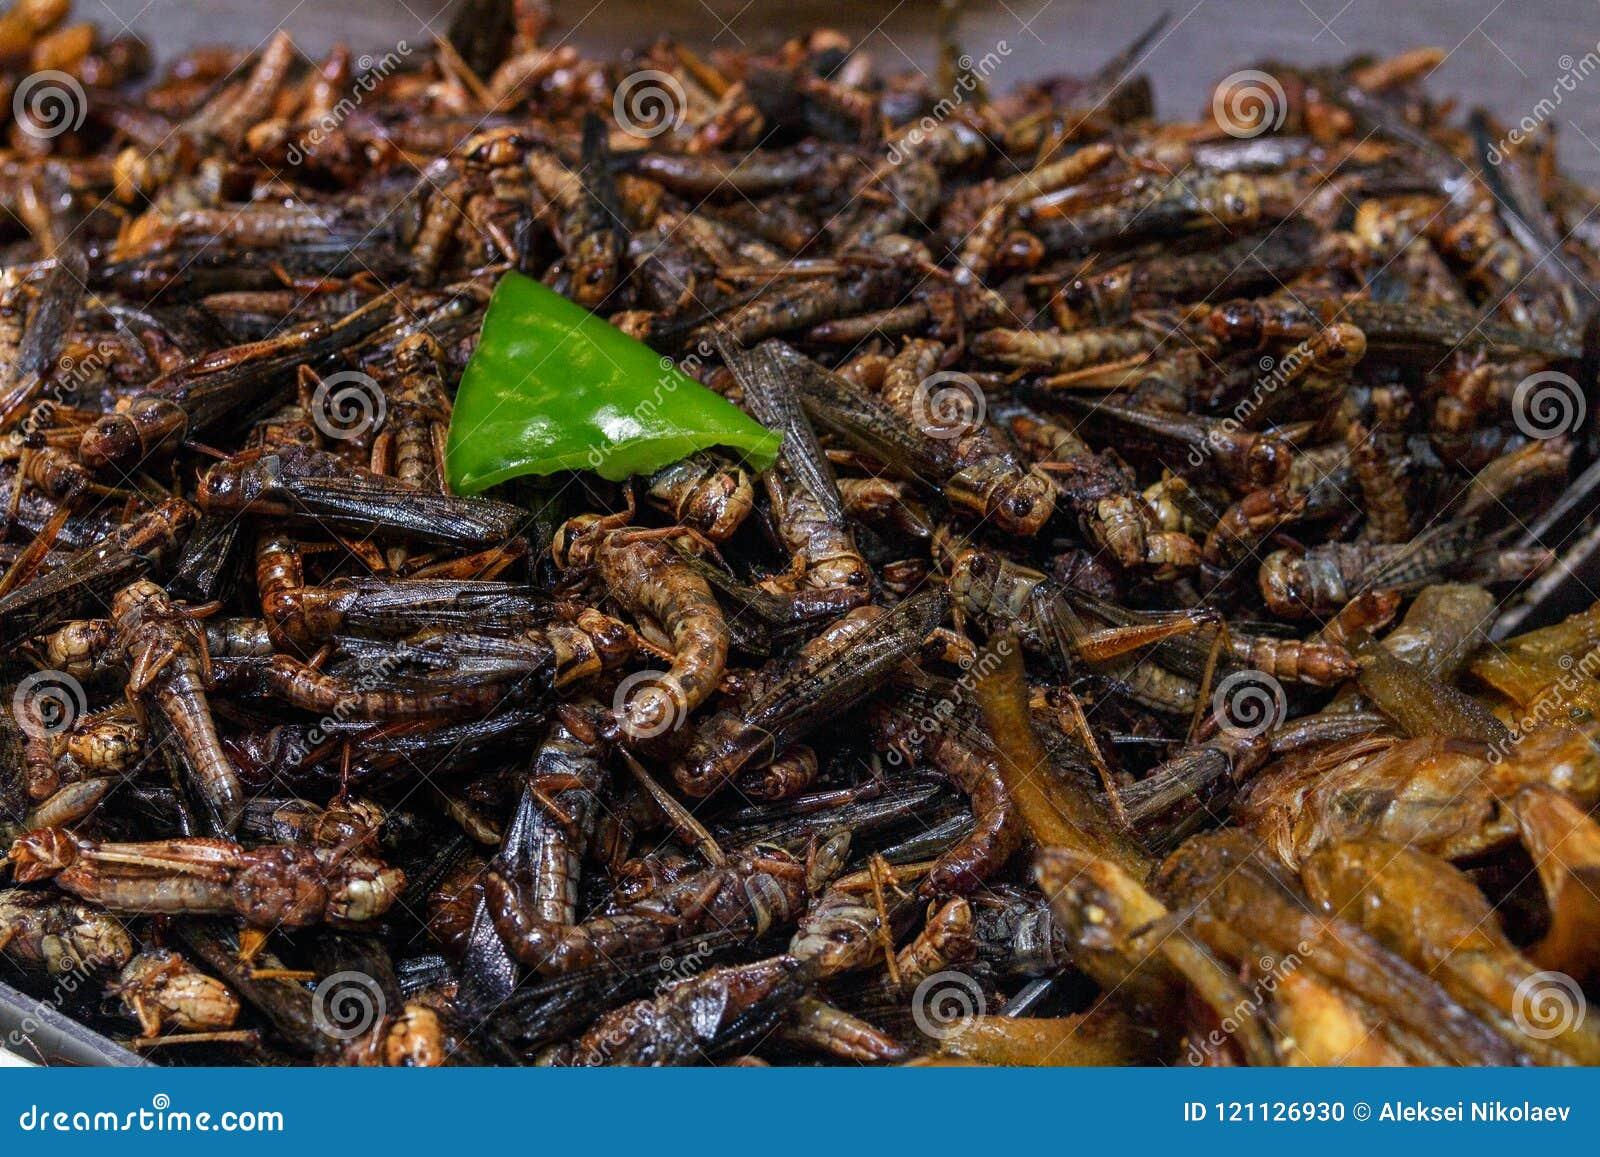 Зажаренные насекомые в подносе на счетчике китайского рынка